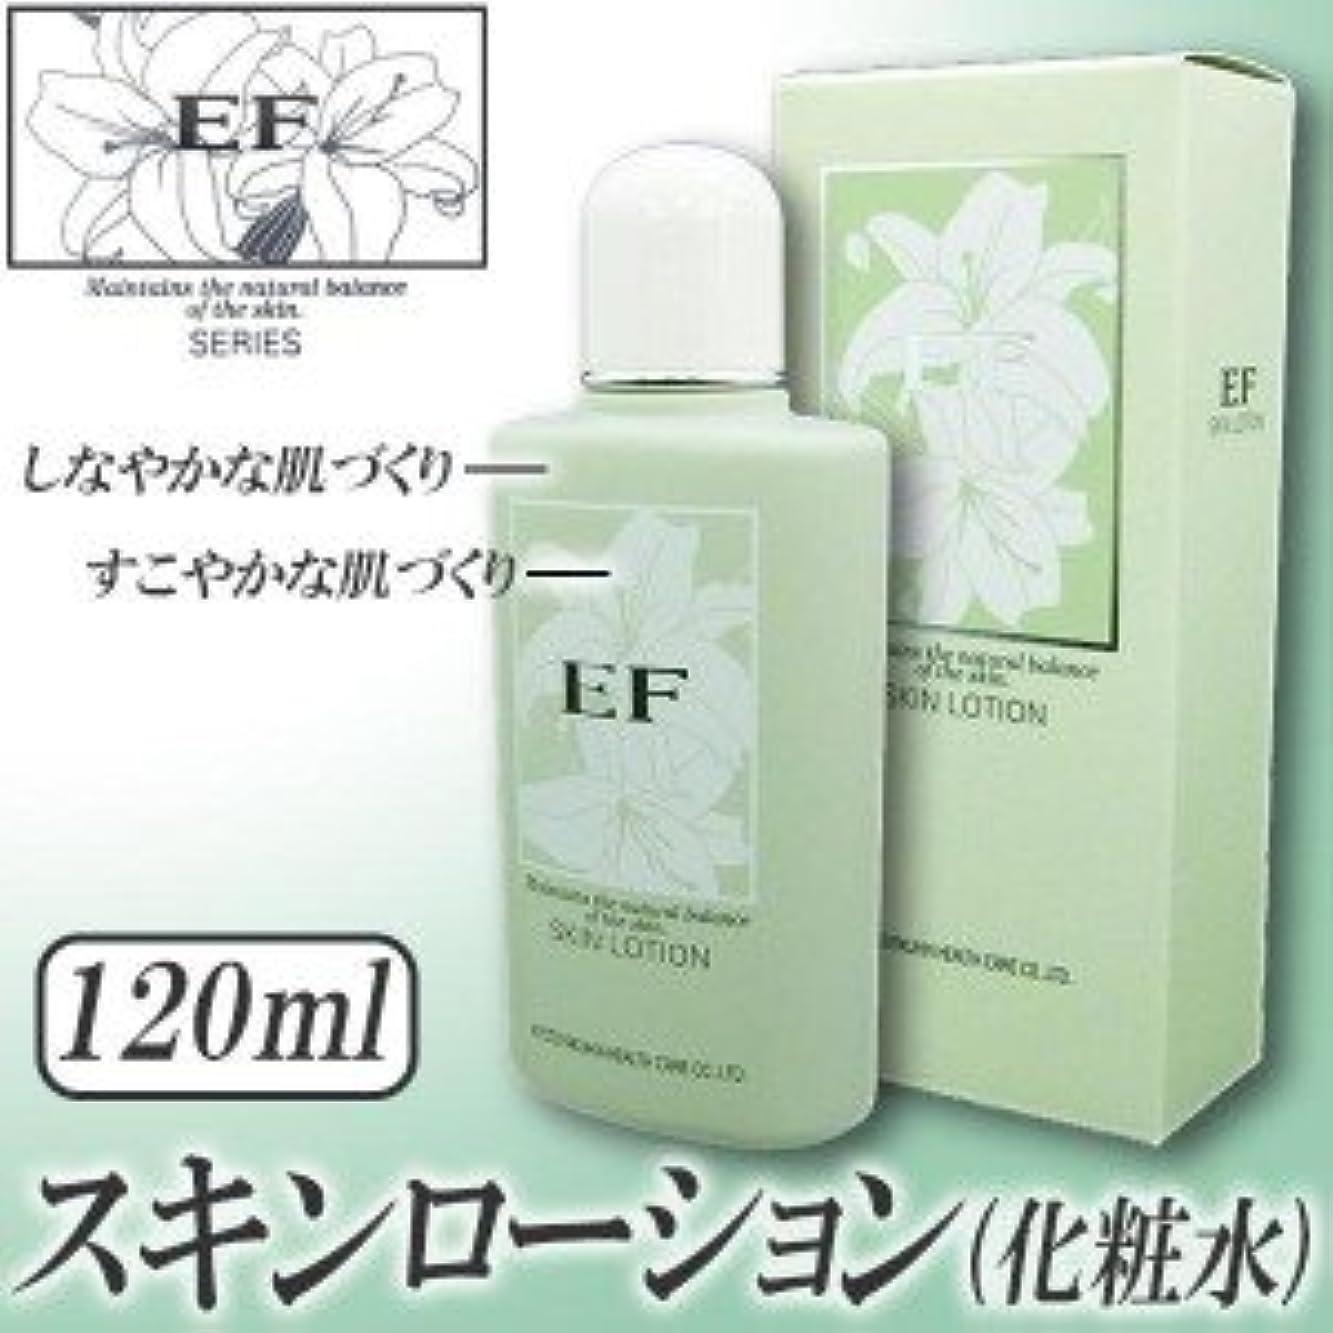 アーティファクト傷つきやすい推測EFスキンローション(化粧水) 120mL